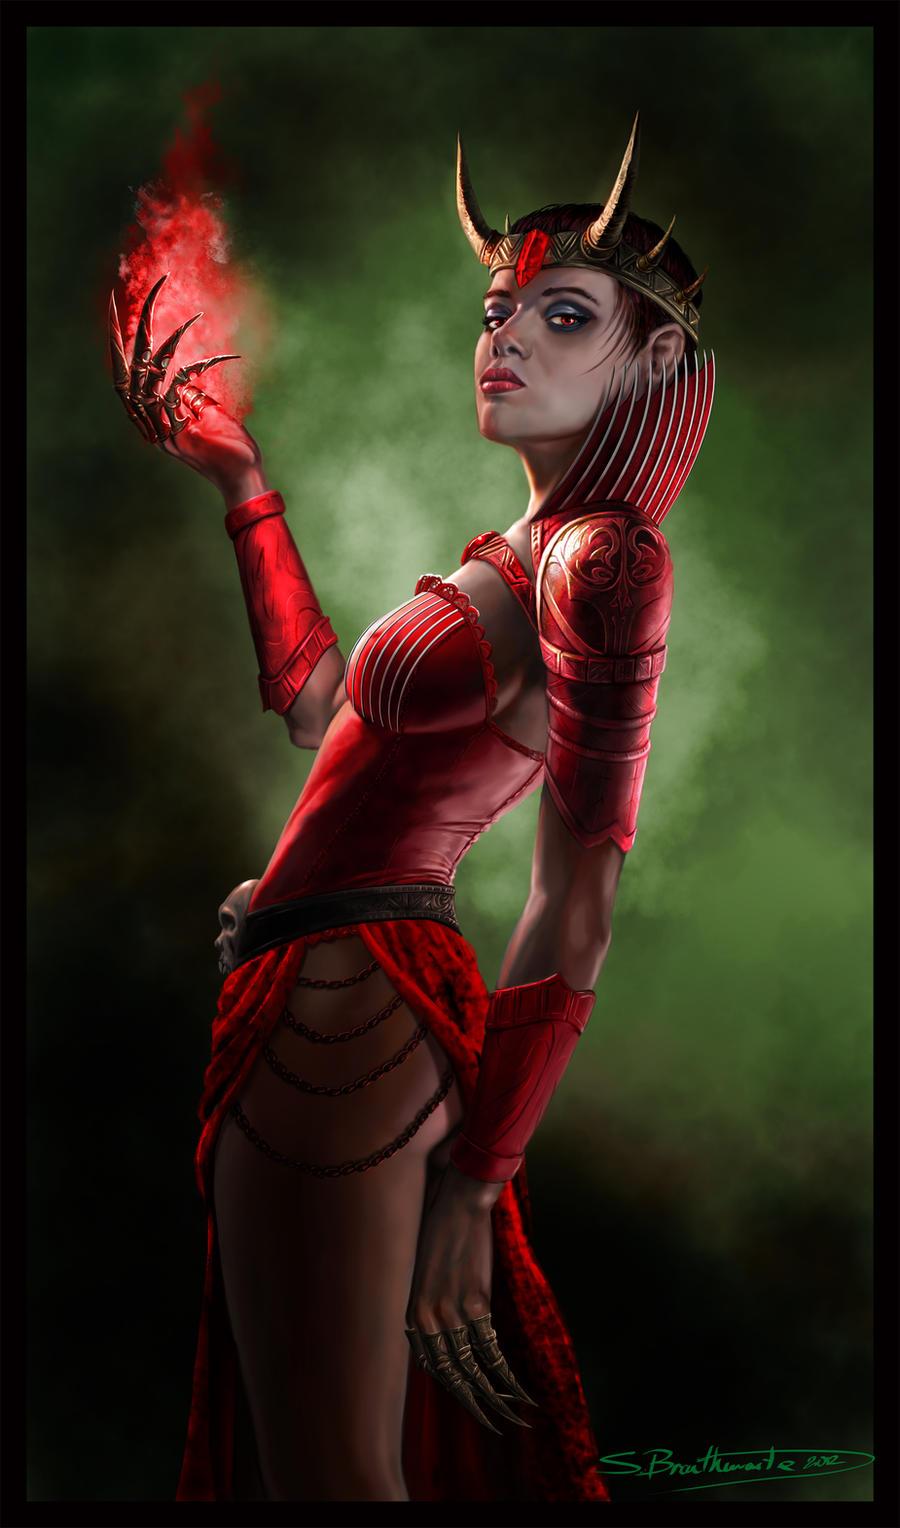 Red Queen by SBraithwaite